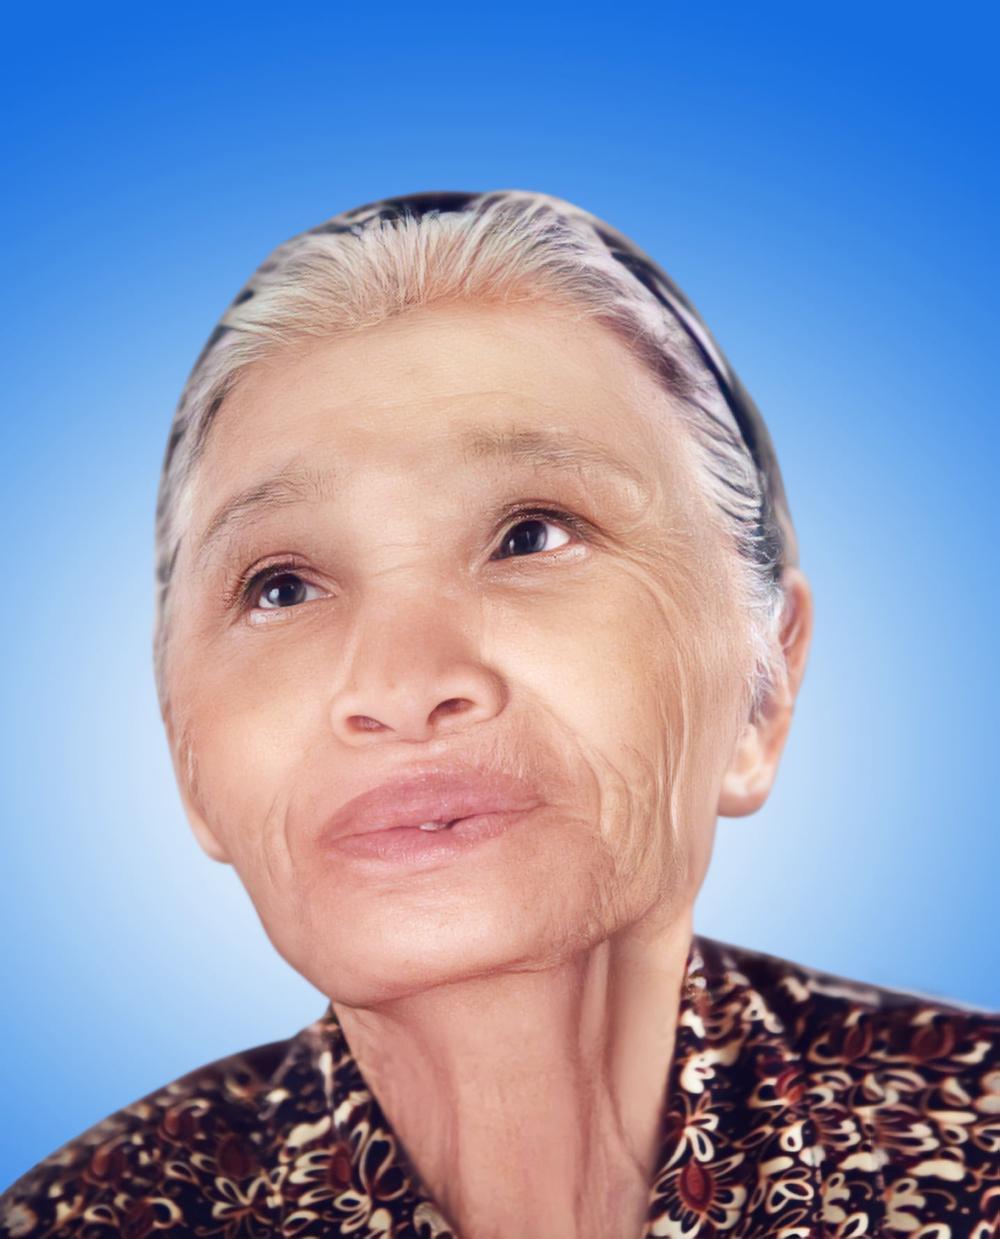 Nhờ CĐM 'cho' bà một đôi mắt sáng để làm ảnh thờ sau khi mất, người cháu nhận cái kết ấm lòng Ảnh 2